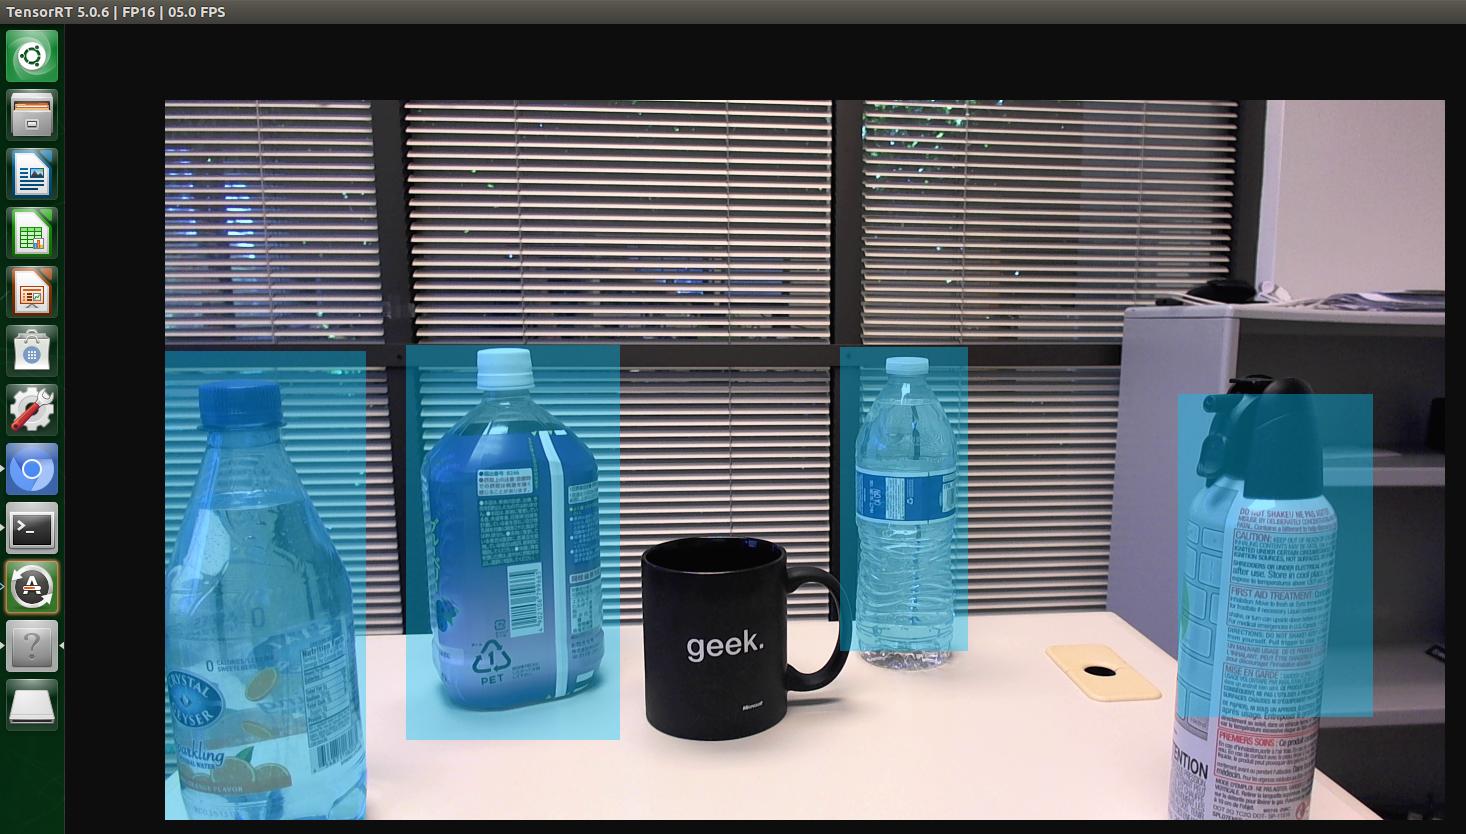 Jetson Nano Developer Kitの初期設定とUSBカメラを使う - Qiita